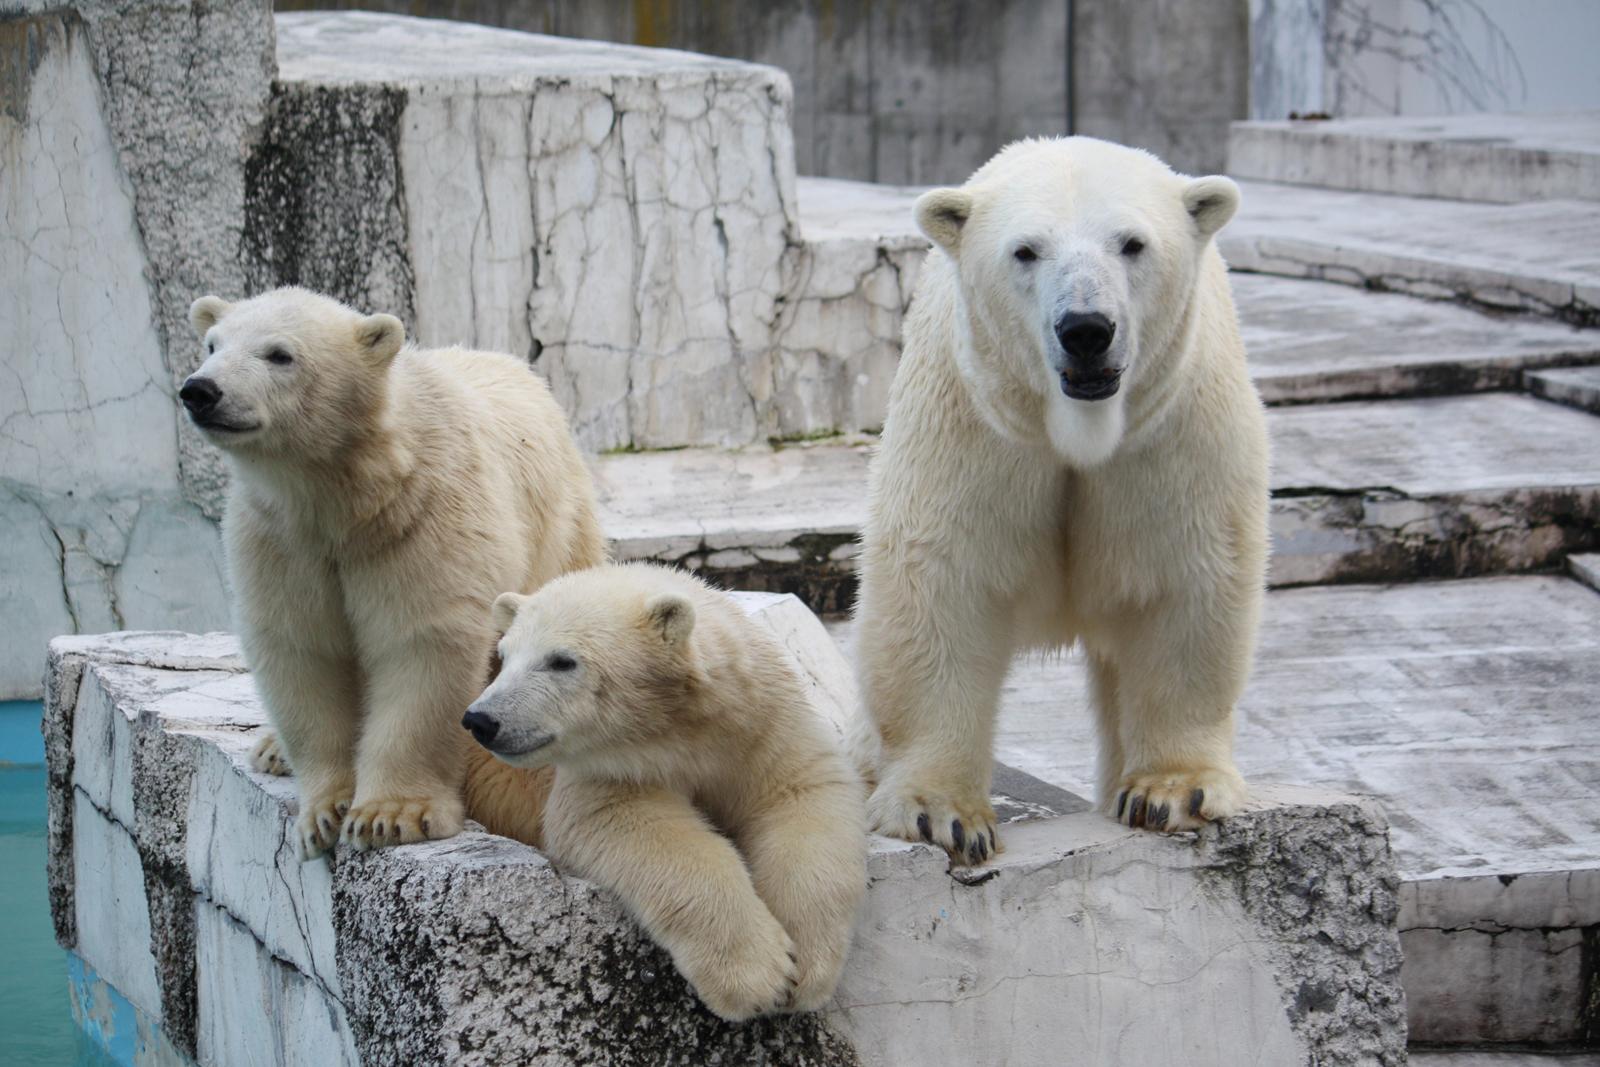 昼間とは違う様子を観察 夜の動物園 ドキドキしナイト 円山動物園 (7/23) 札幌